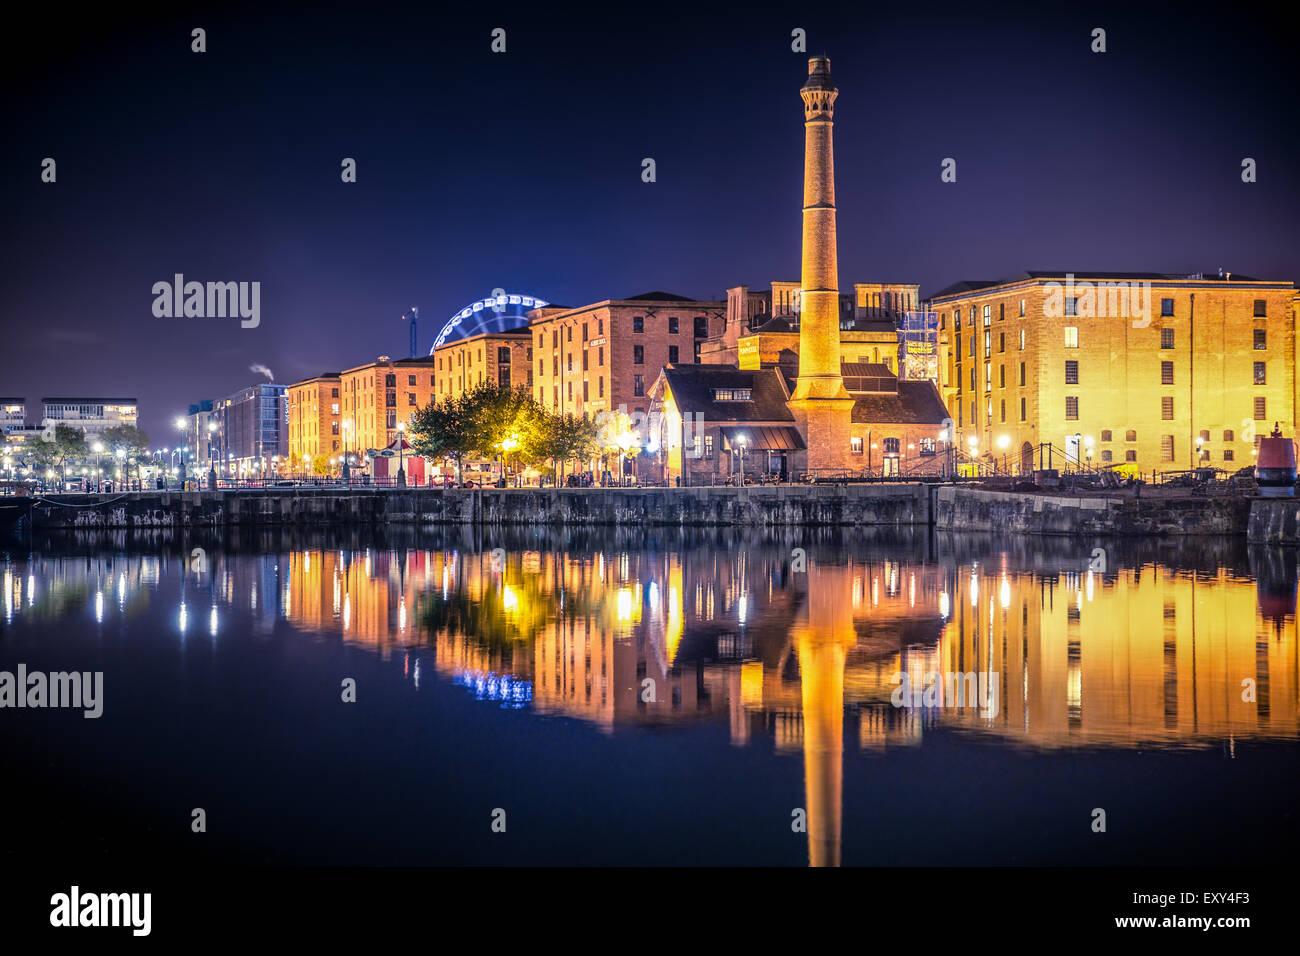 Liverpool Regno Unito waterfront skyline notturno Immagini Stock